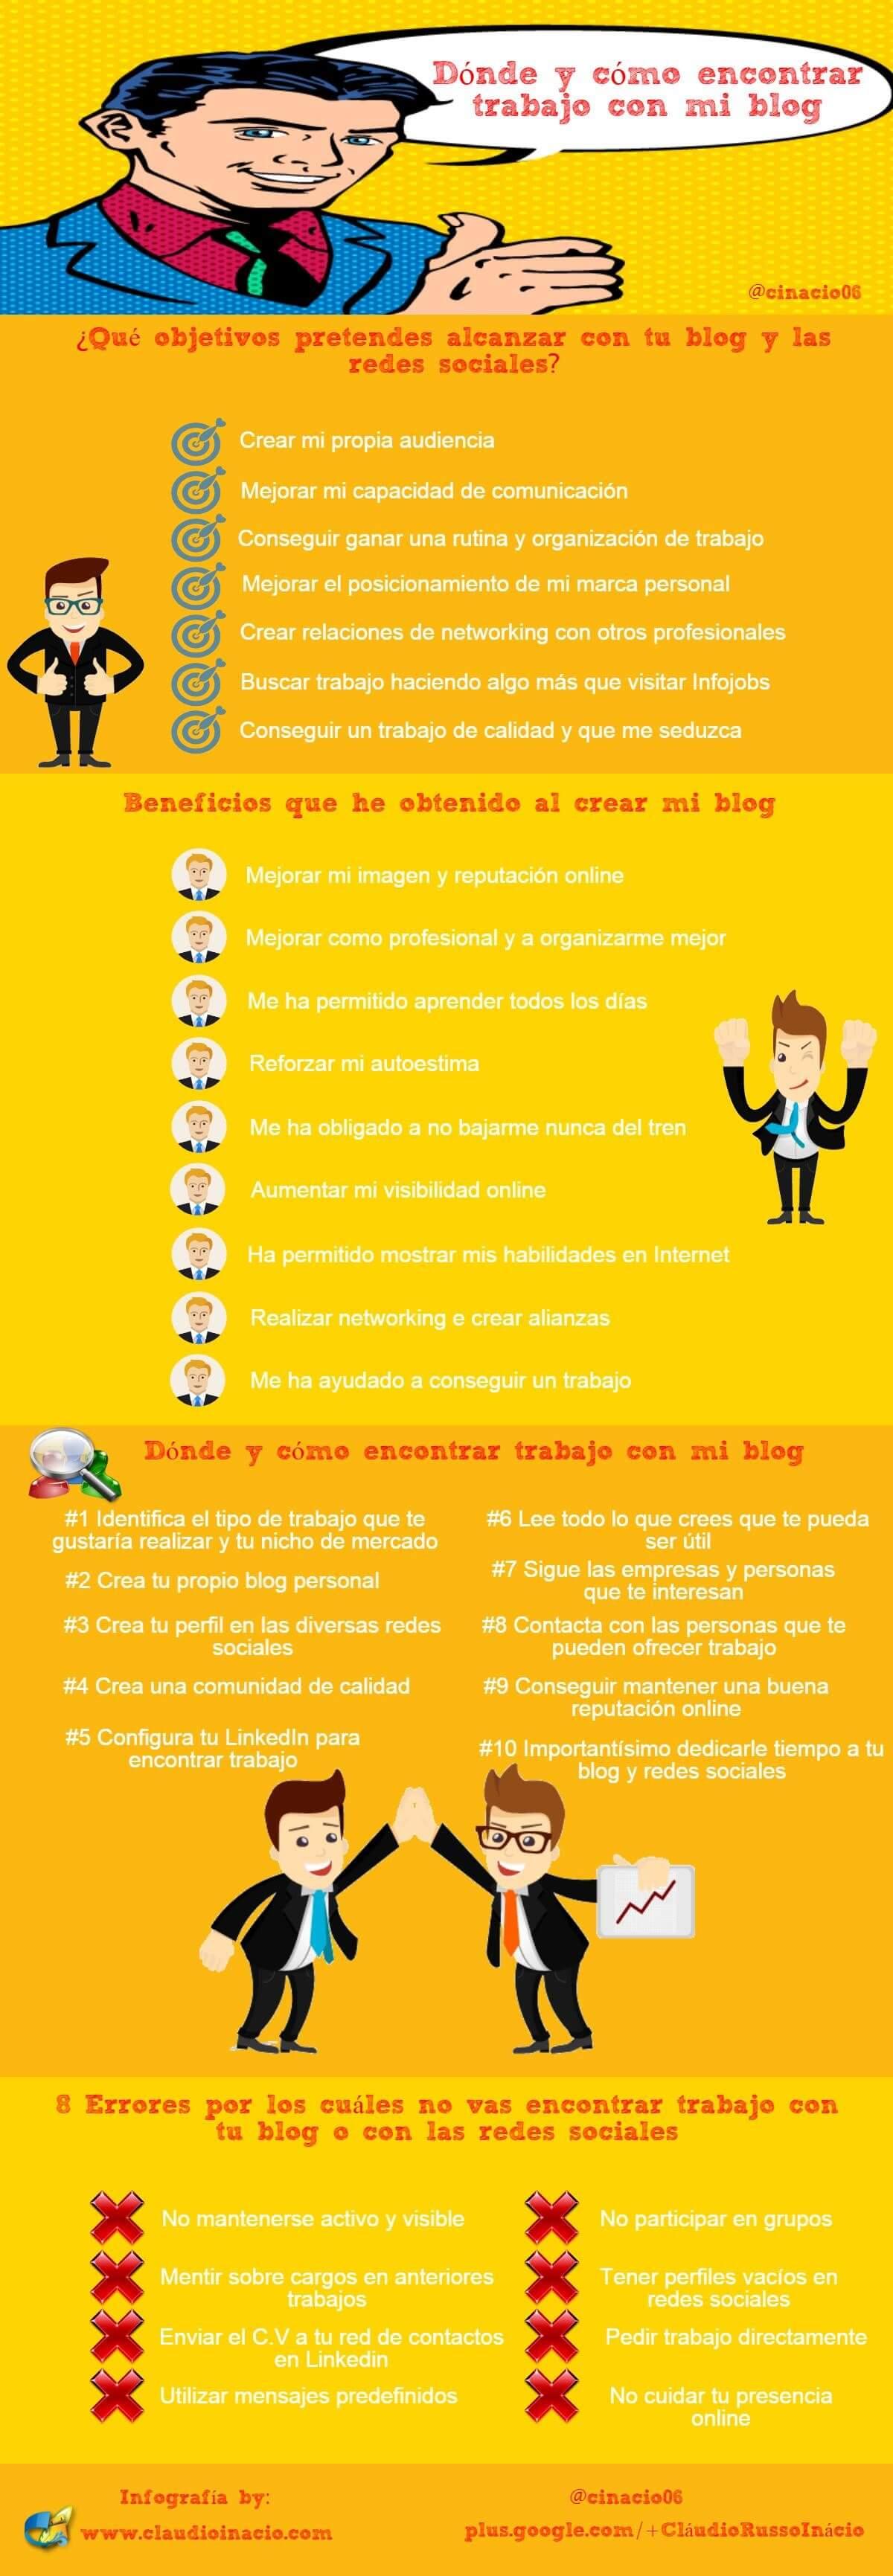 infografía Dónde y cómo encontrar trabajo con mi blog